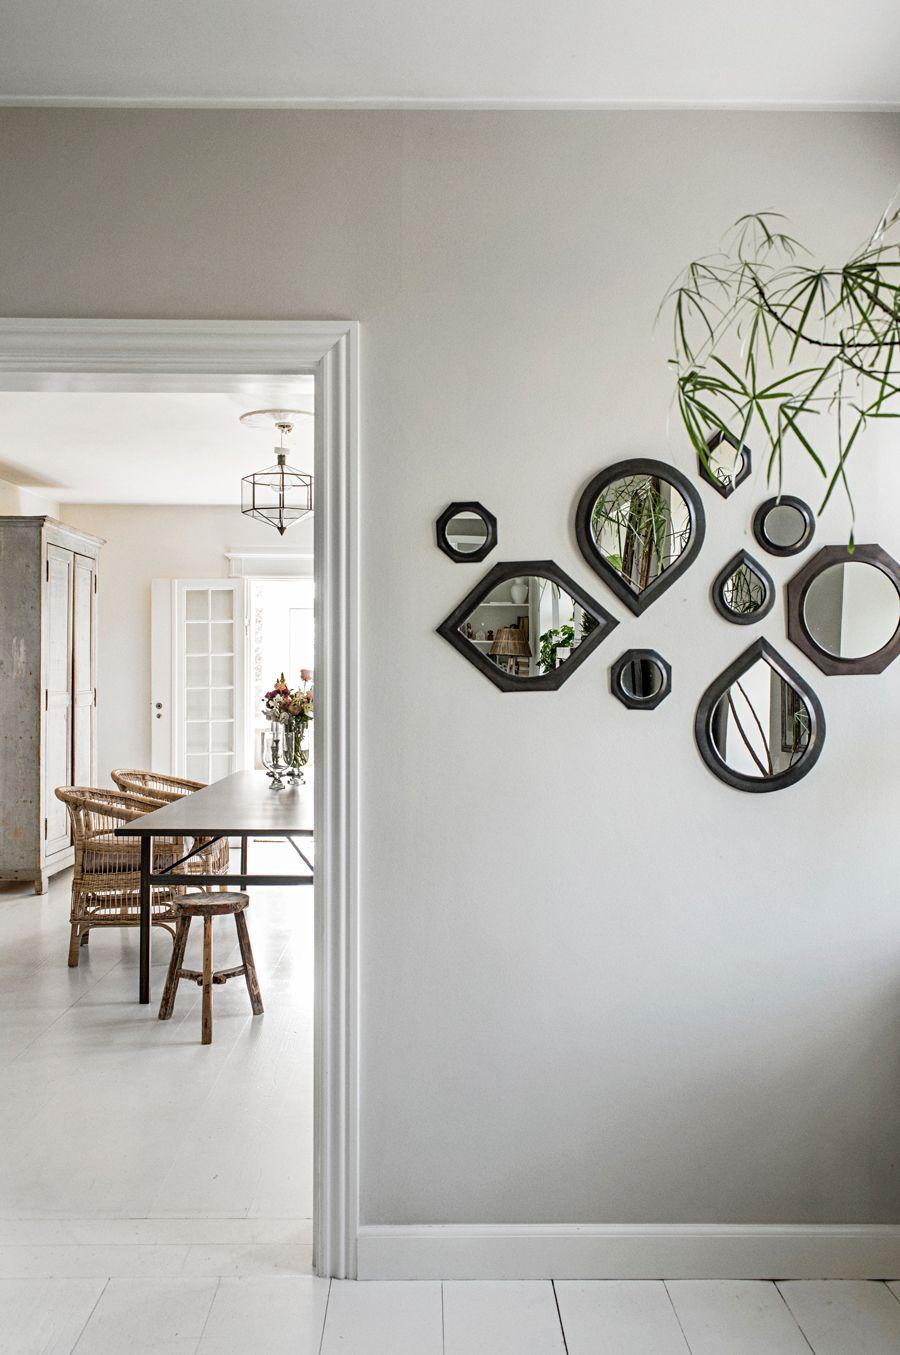 Tine kjeldsen och jacob fossum är paret bakom företaget tine k home hemmet i danska